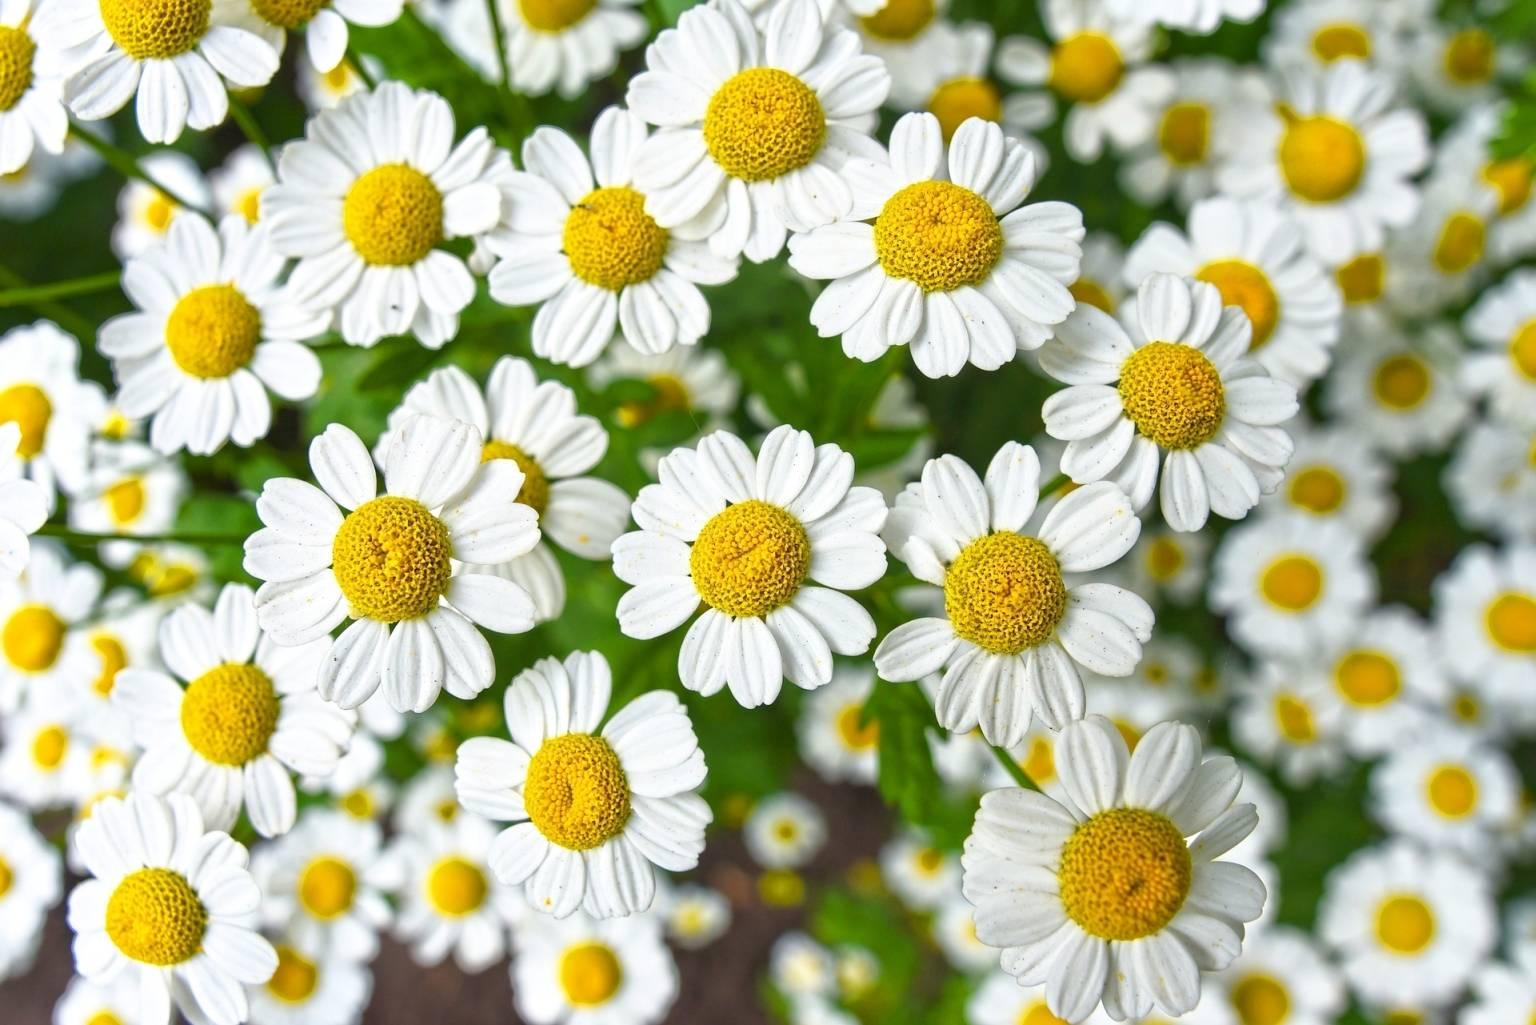 Co warto wiedzieć o rumianku pospolitym? Jakie ma właściwości lecznicze i jak go stosować? Zbliżenie na kwiaty rumianku.